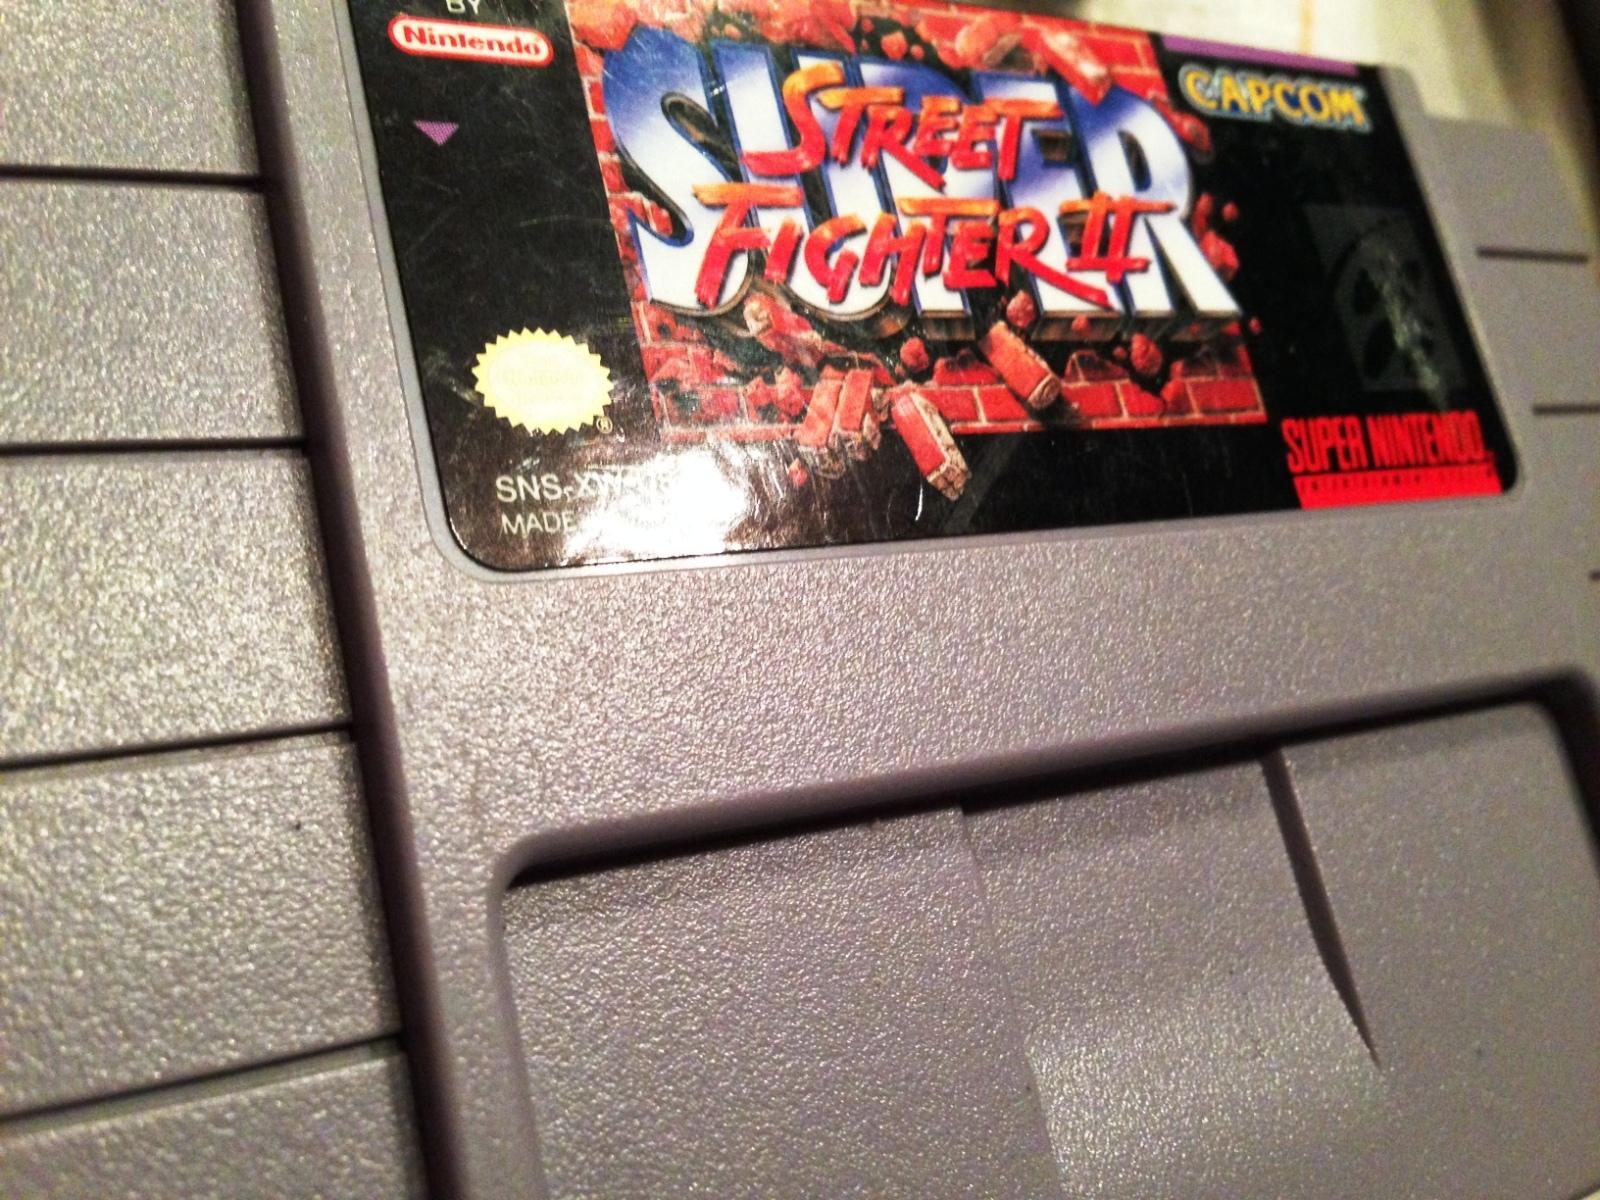 SNES - Super Nintendo en panne - plus d'image 2ugpgf4